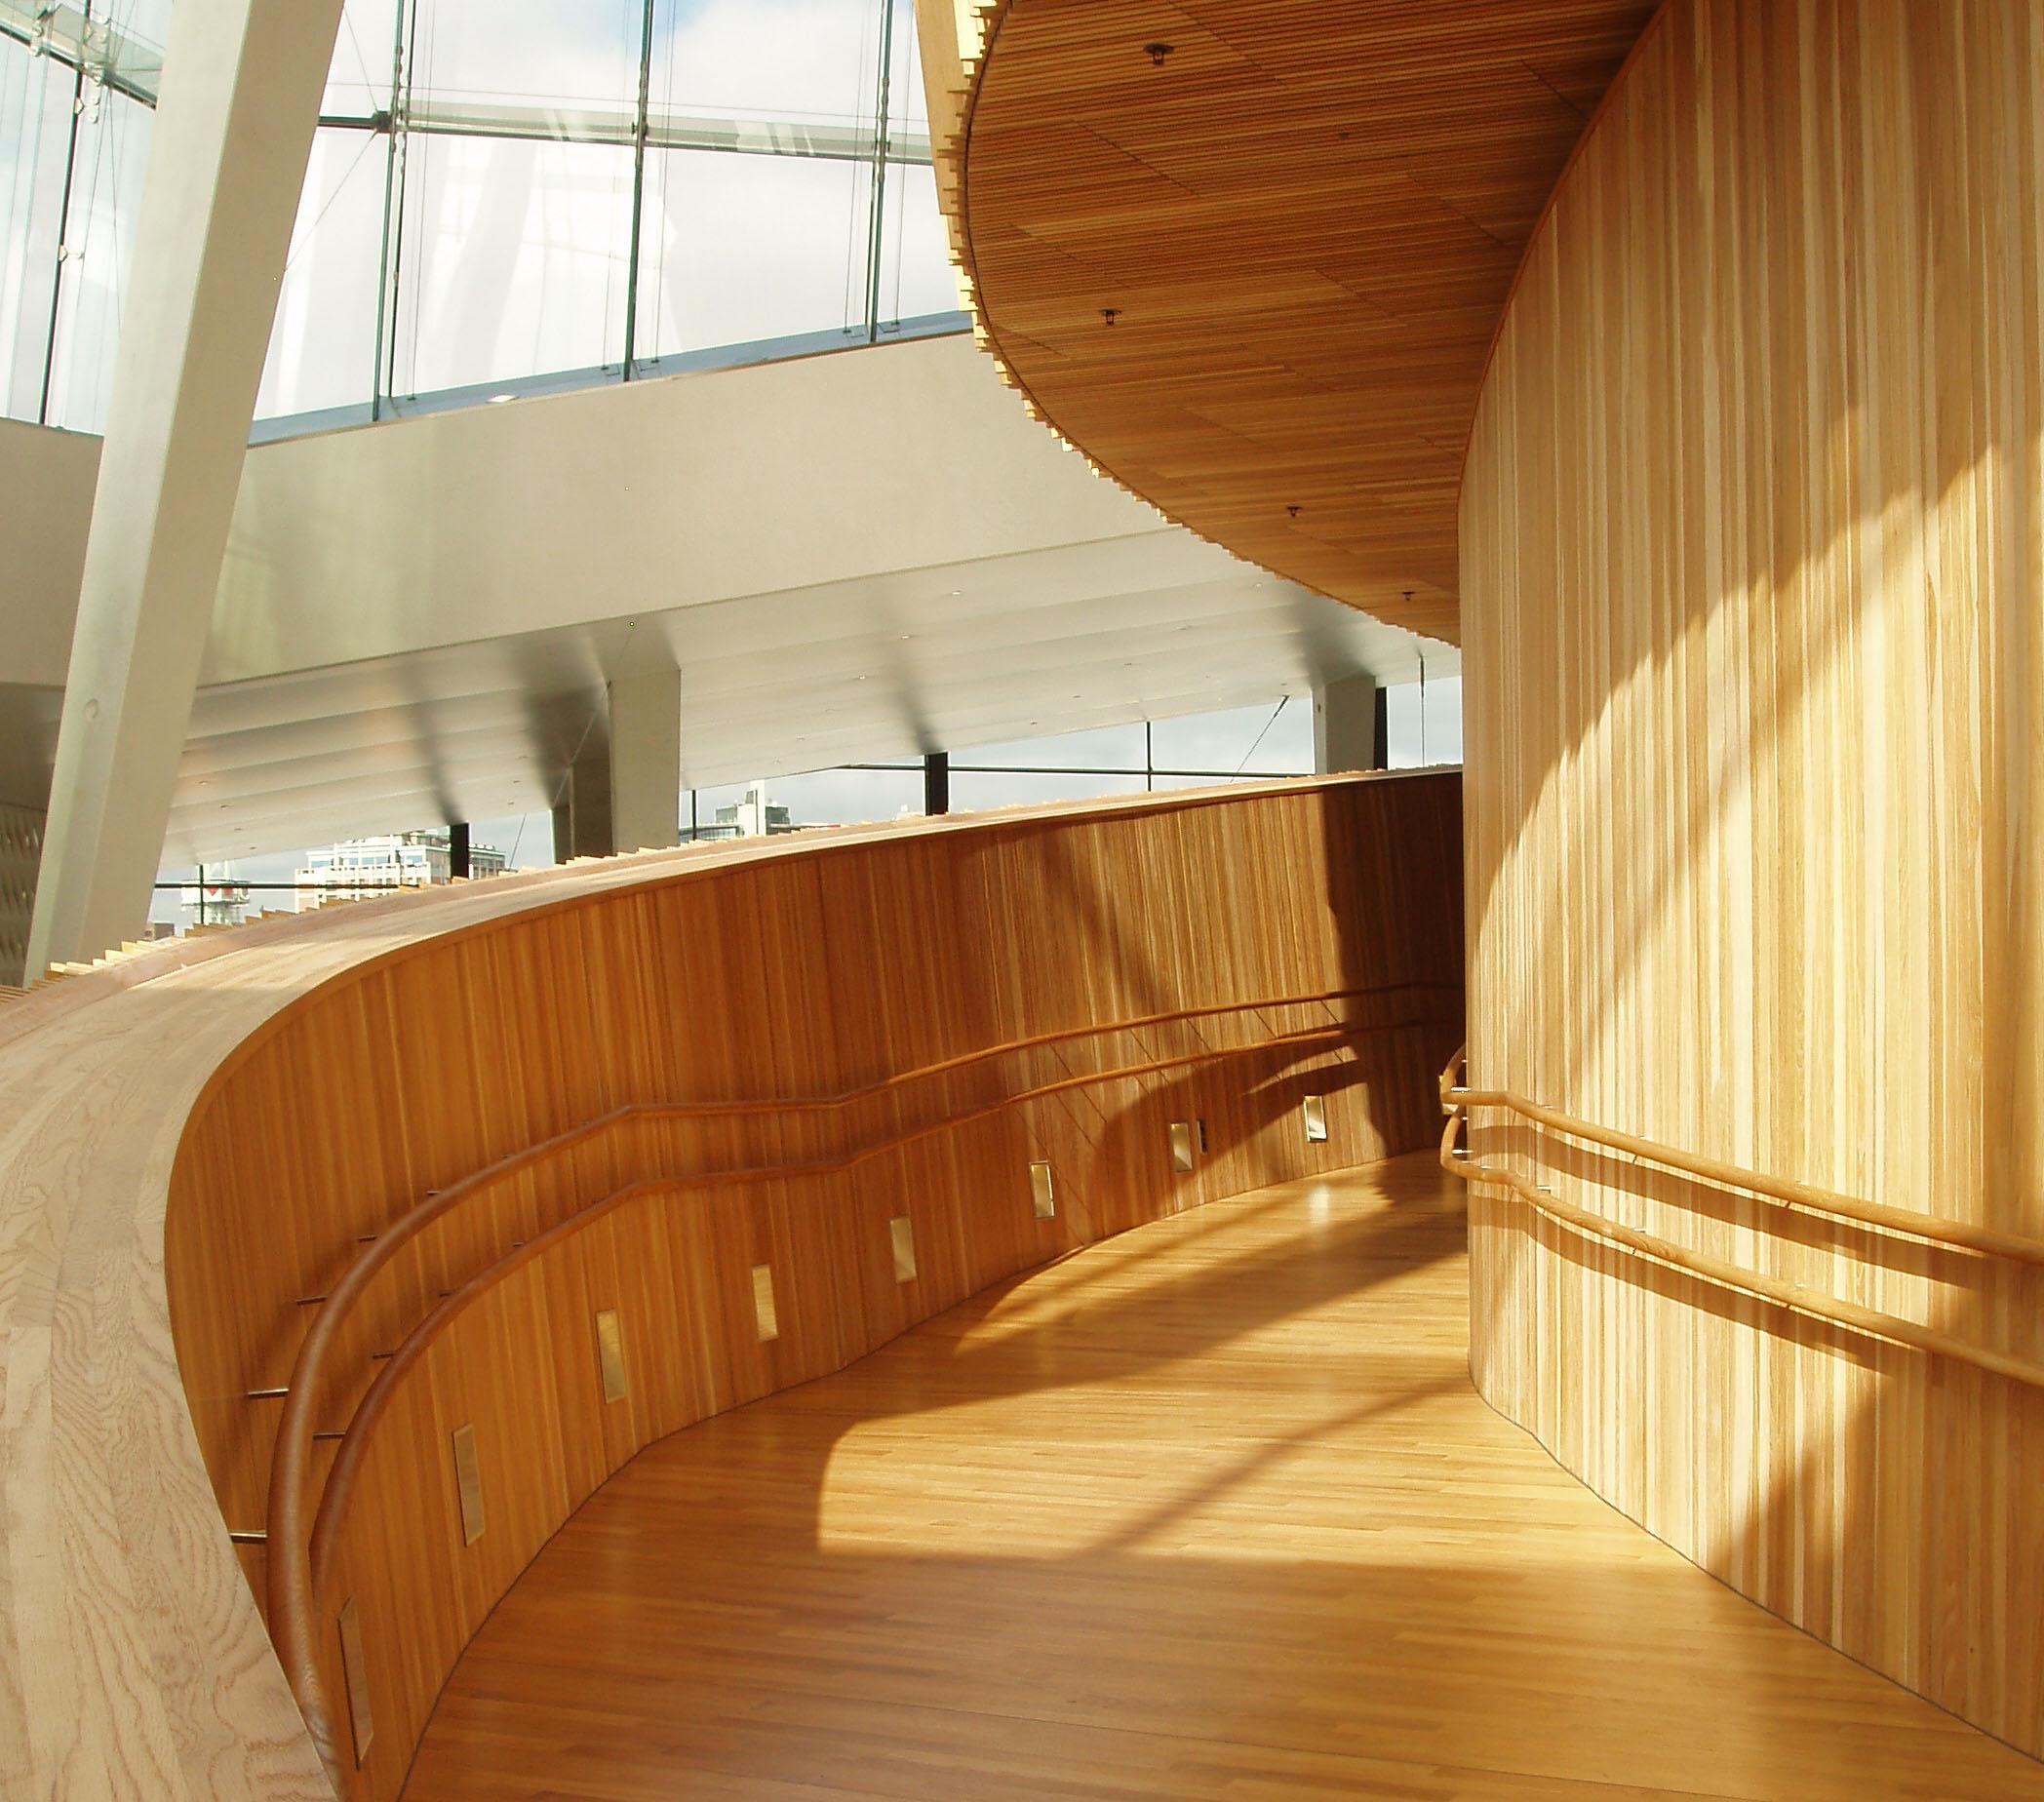 Aalborg Universitet udbyder en efteruddannelse kaldet Inkluderende Arkitektur, som fokuserer på ligeværdighed i arkitekturen.